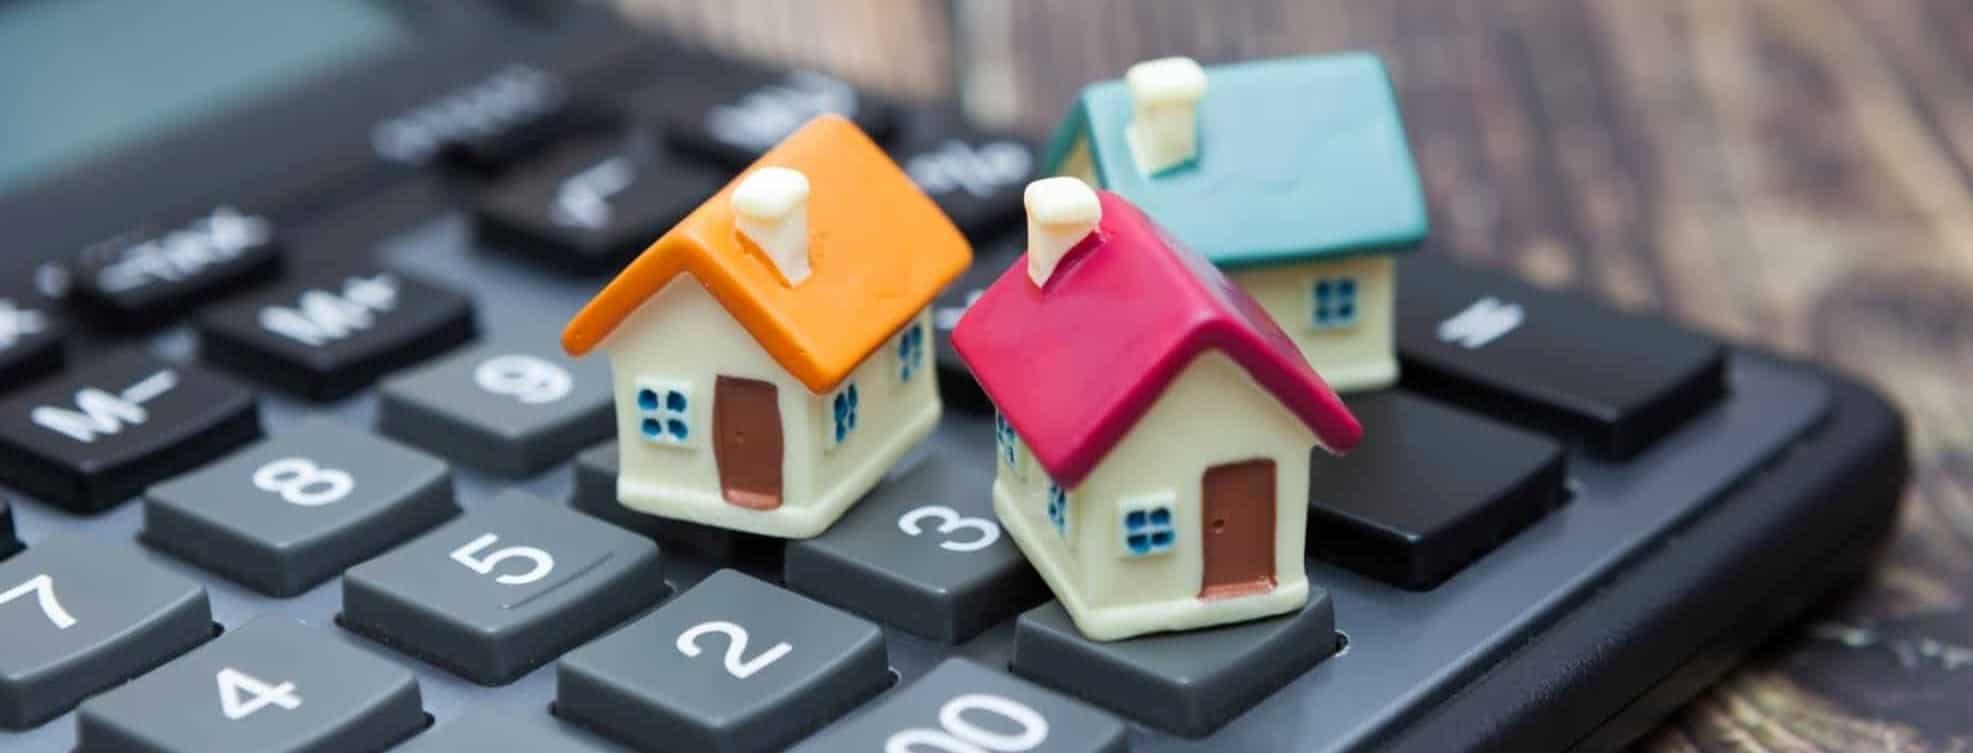 figuras de casas em miniatura em cima de uma máquina de calcular